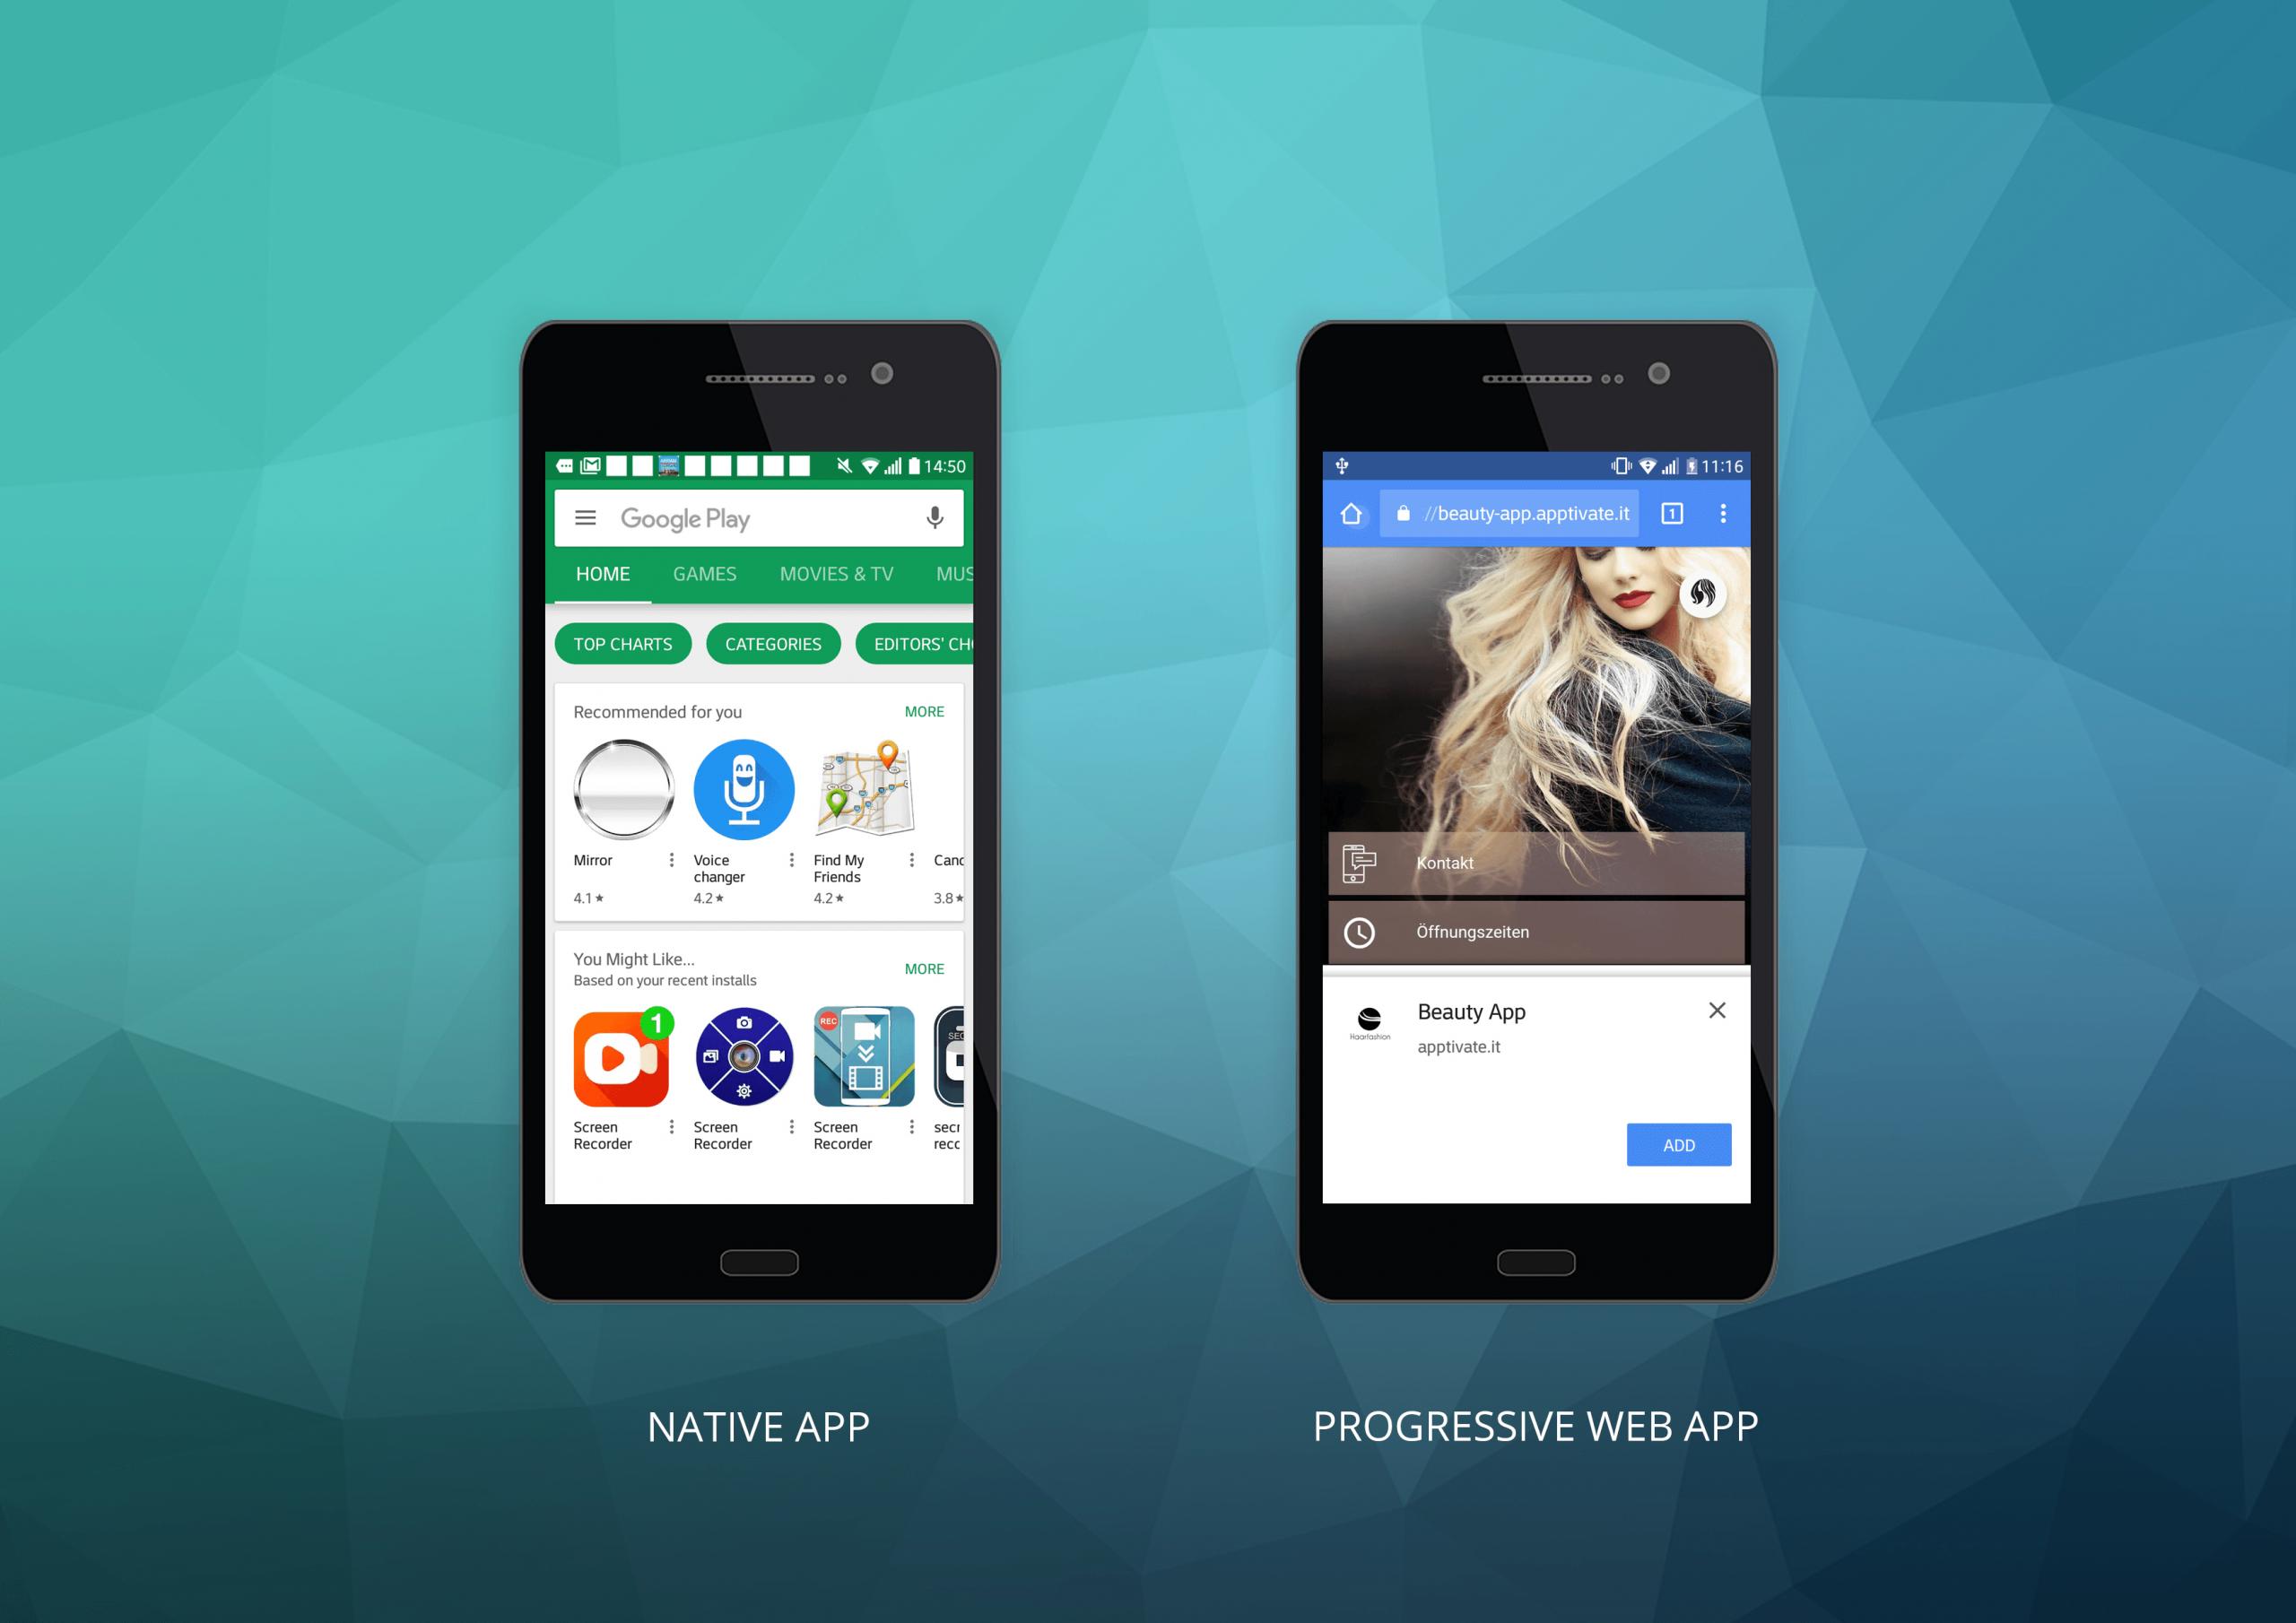 Comparison: Native Apps and Progressive Web Apps